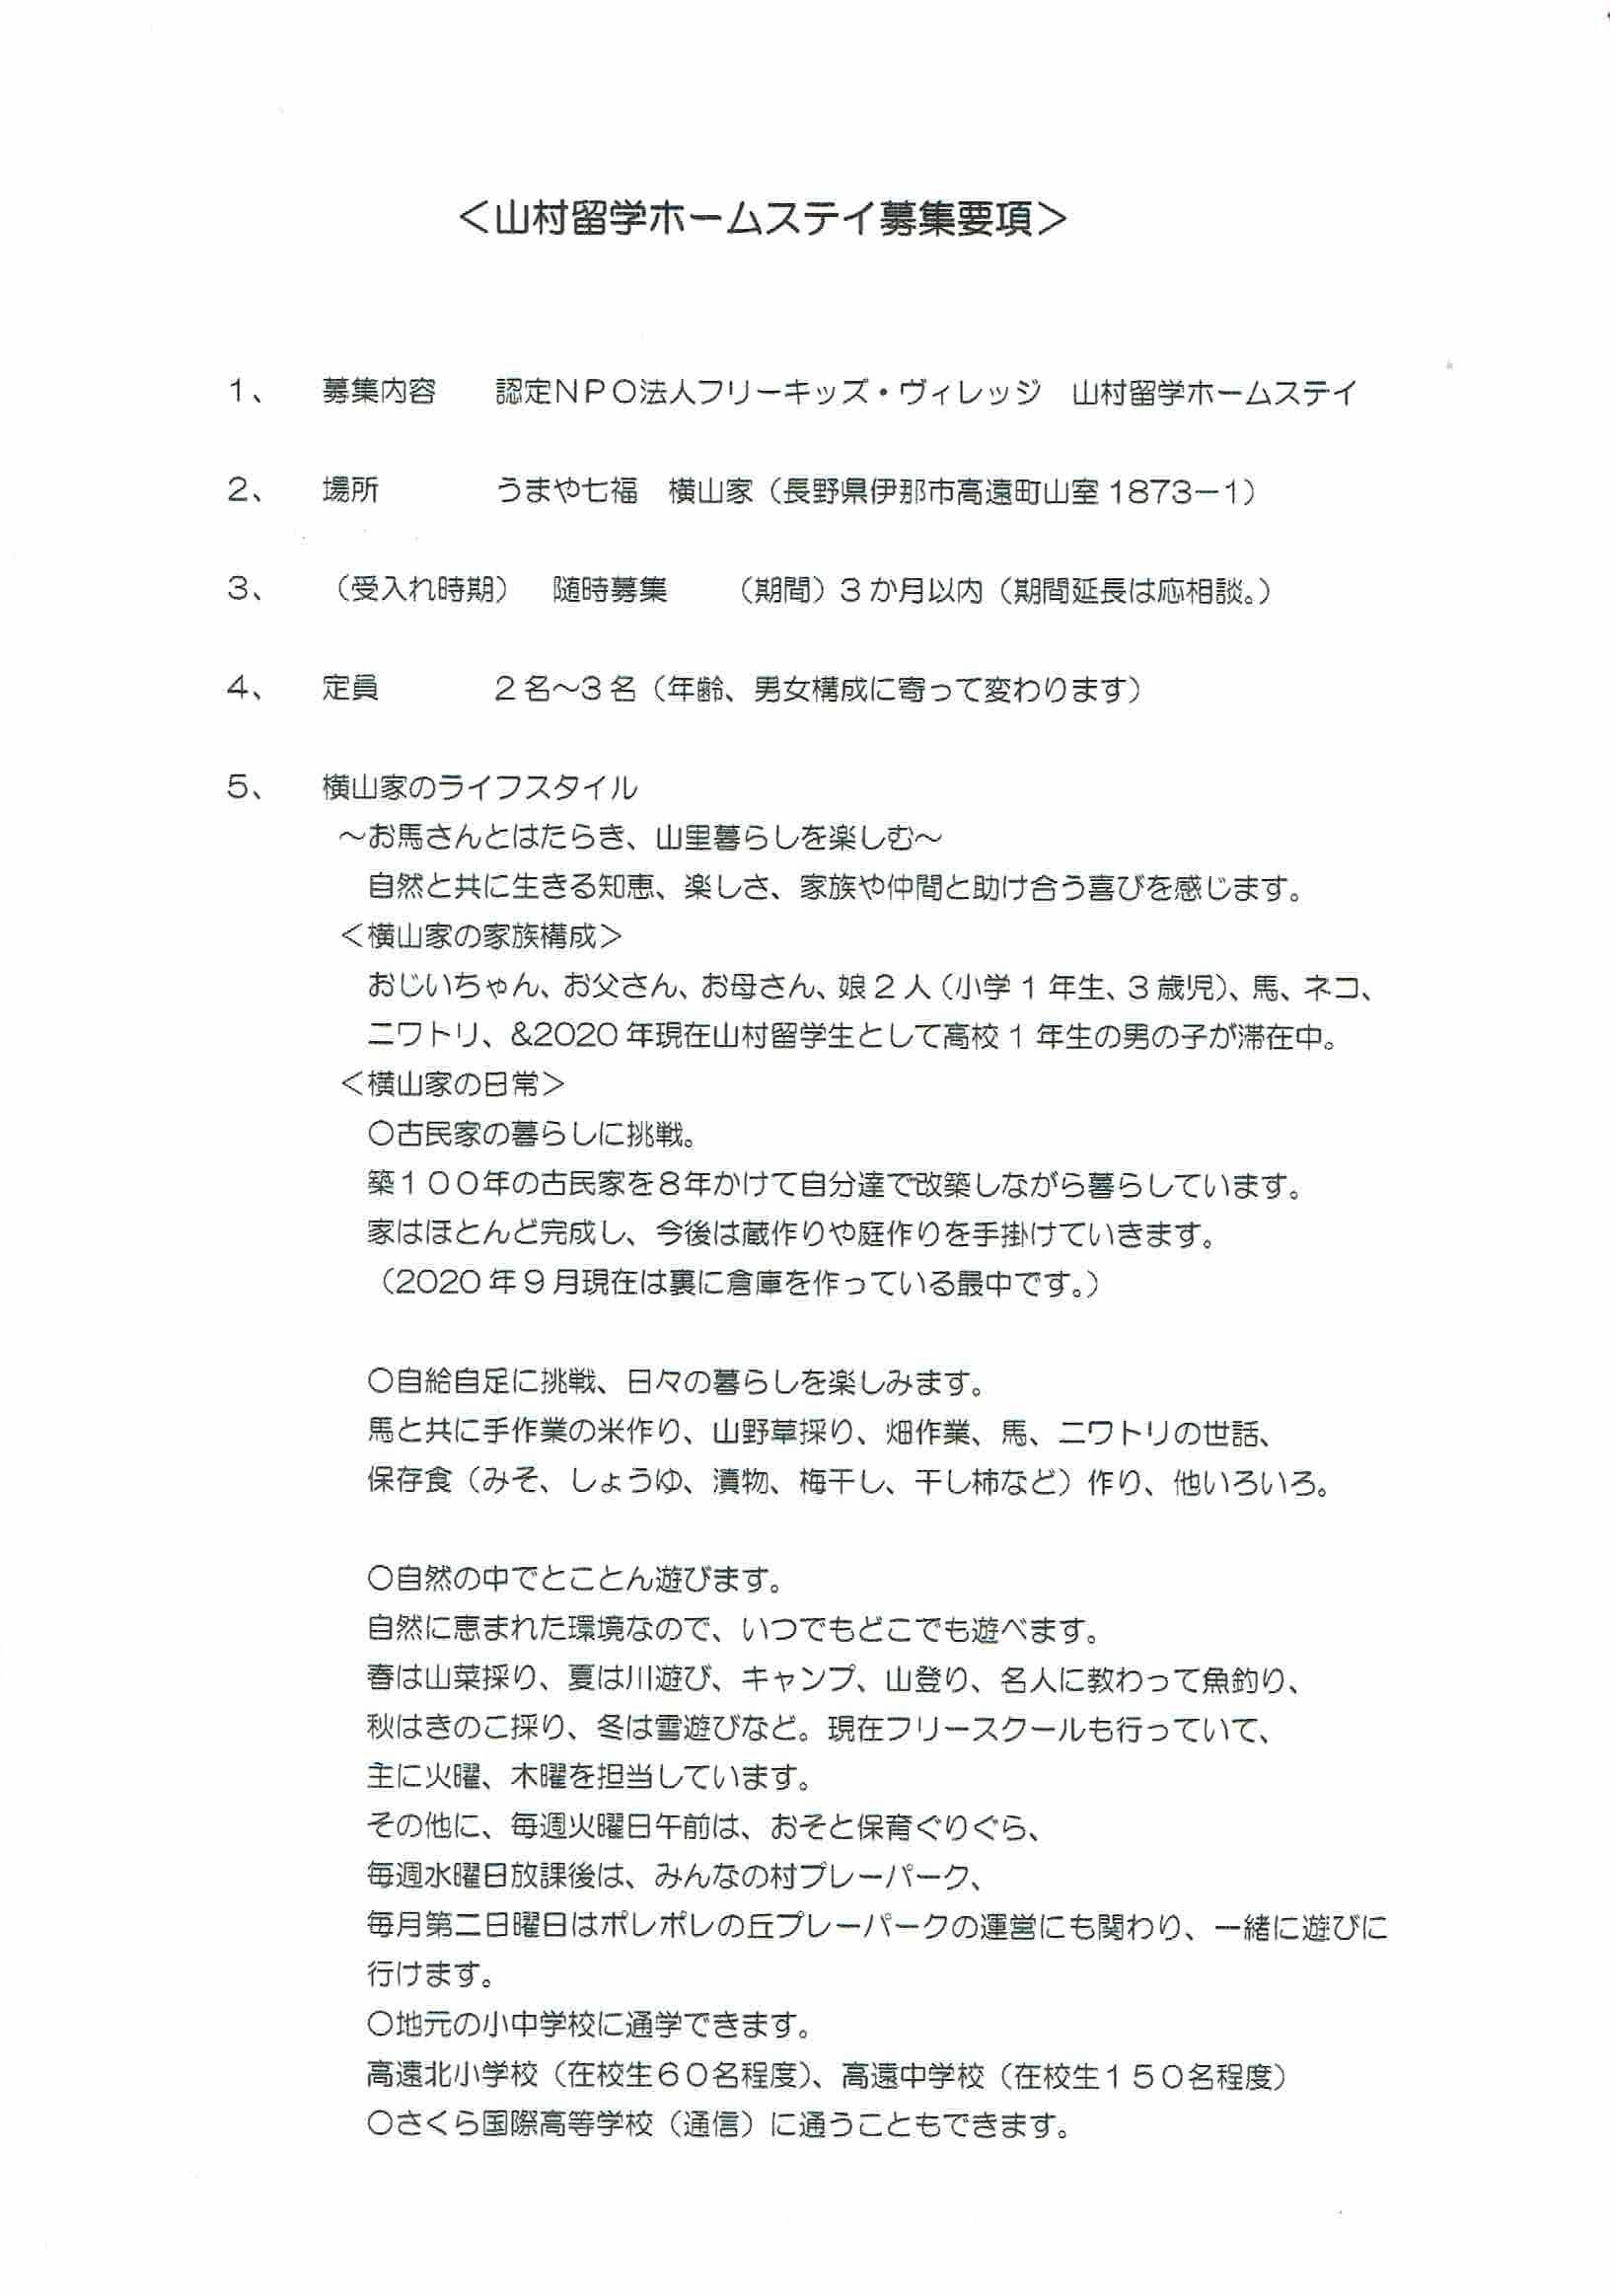 『おもいっきり〇〇しよう!』山村留学ホームステイ 随時受入れ中!!_e0015223_09263858.jpg